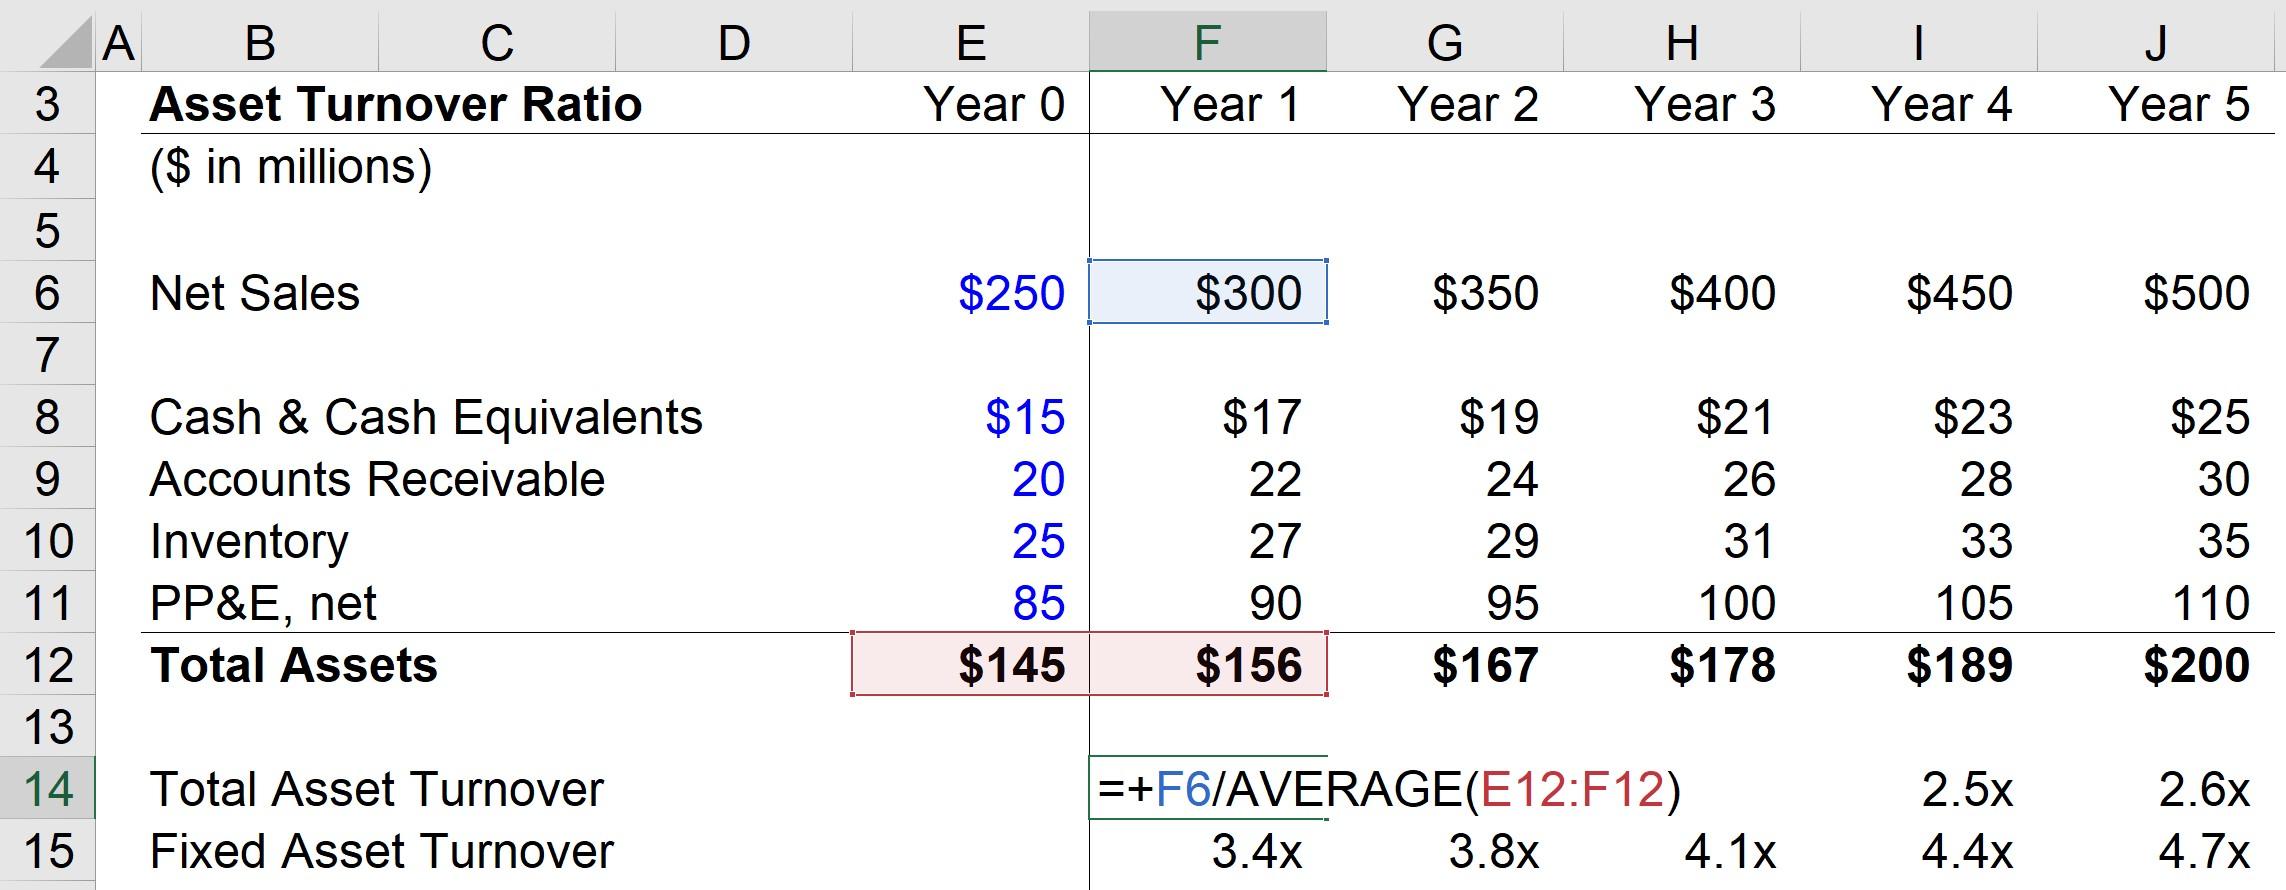 Total Asset Turnover Formula